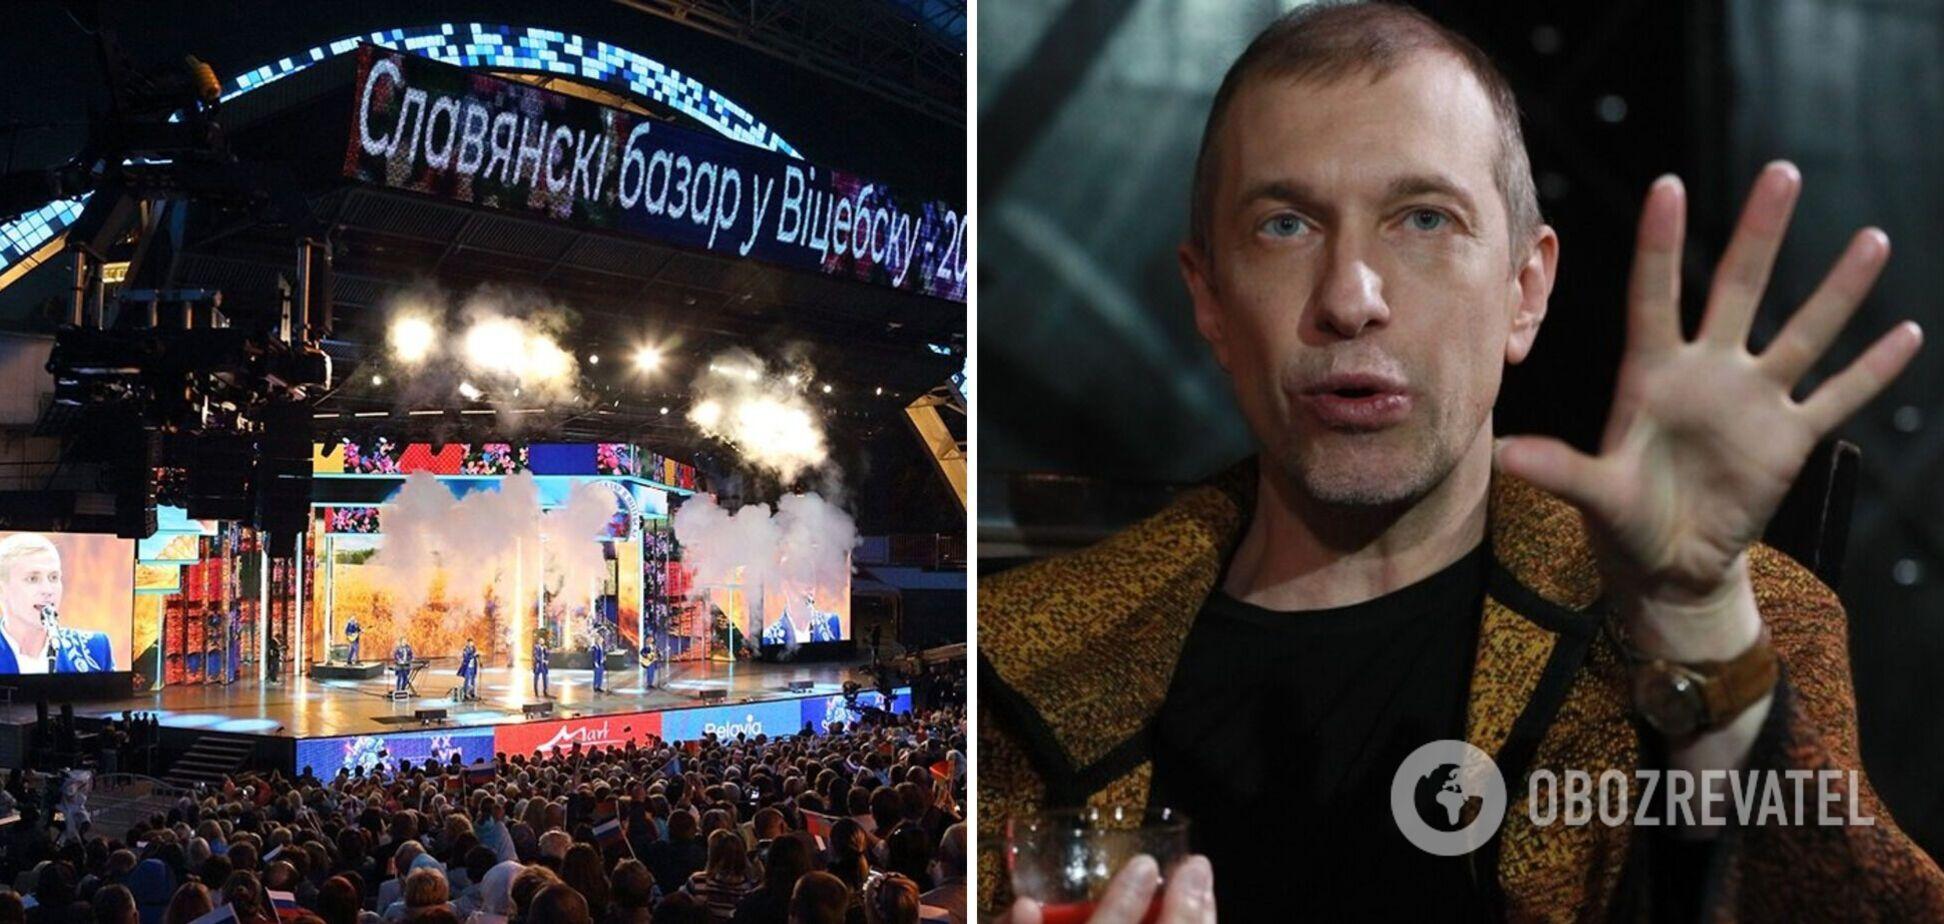 Російський артист з бази українського 'Миротворця' прокляв білоруську владу